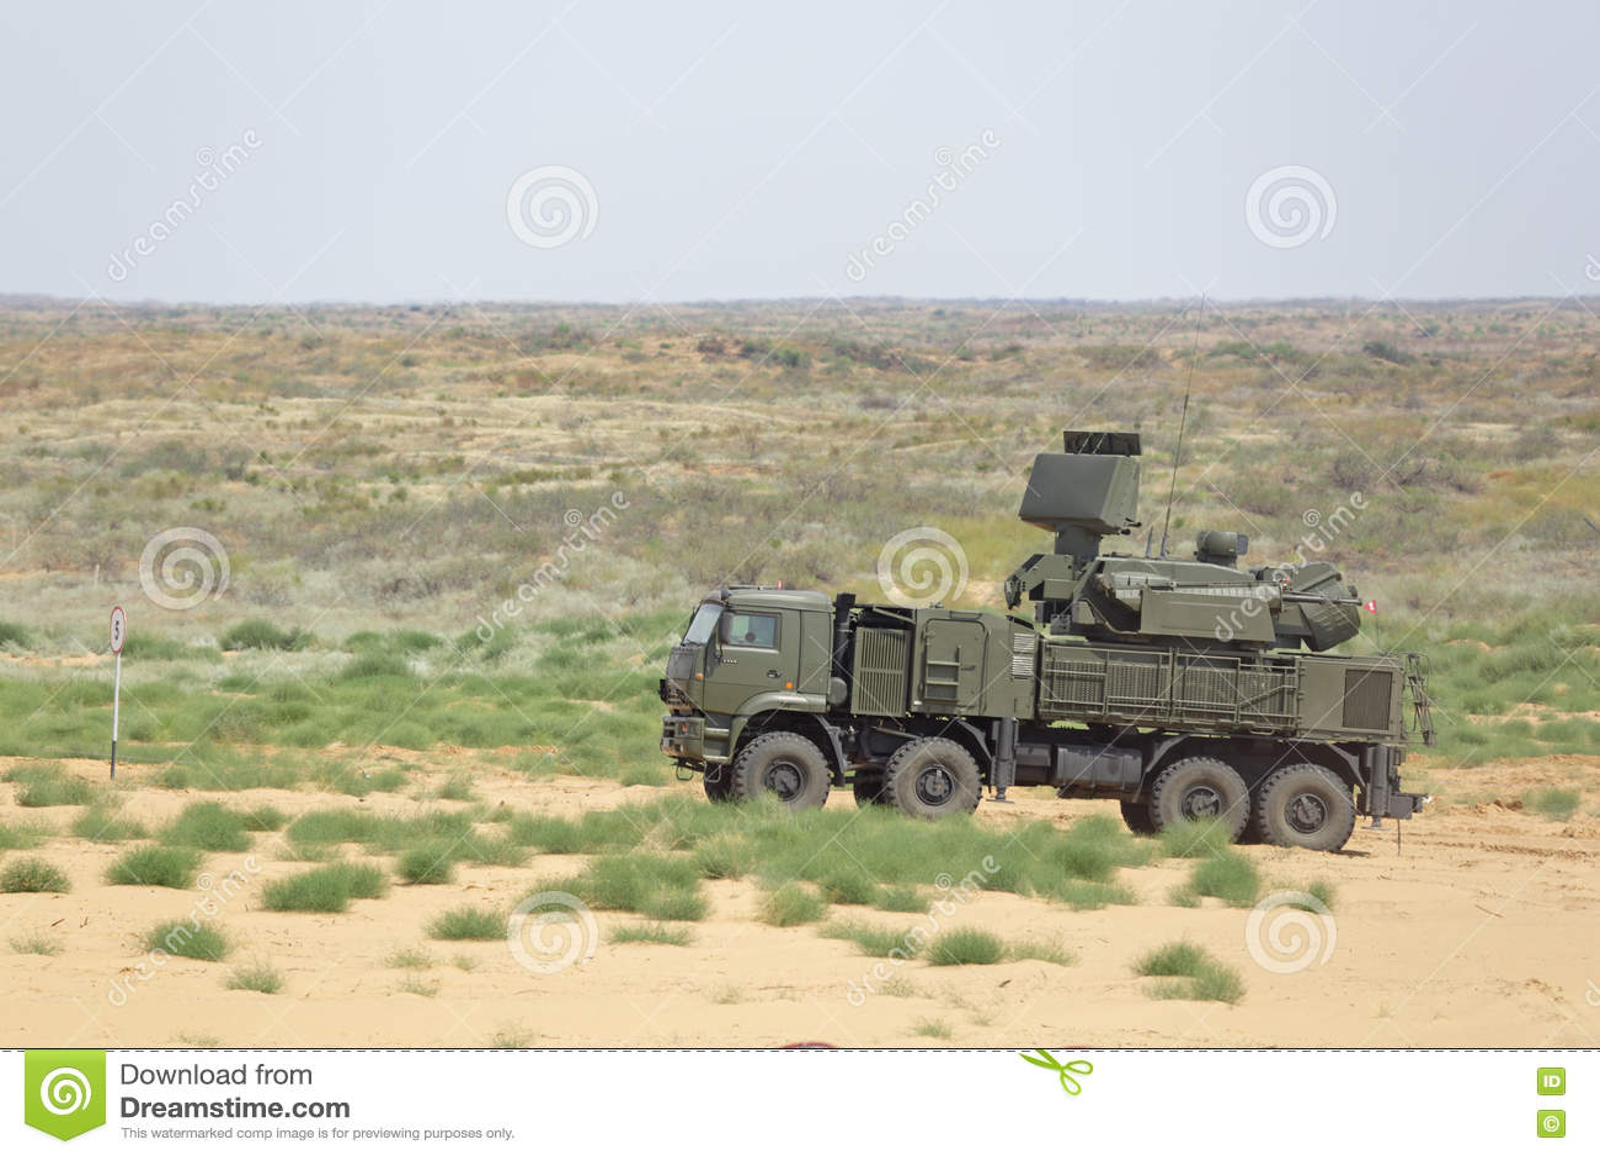 Russian Pantsir-s1 (sa-22 Greyhound) Medium Range Surface-to-air ...